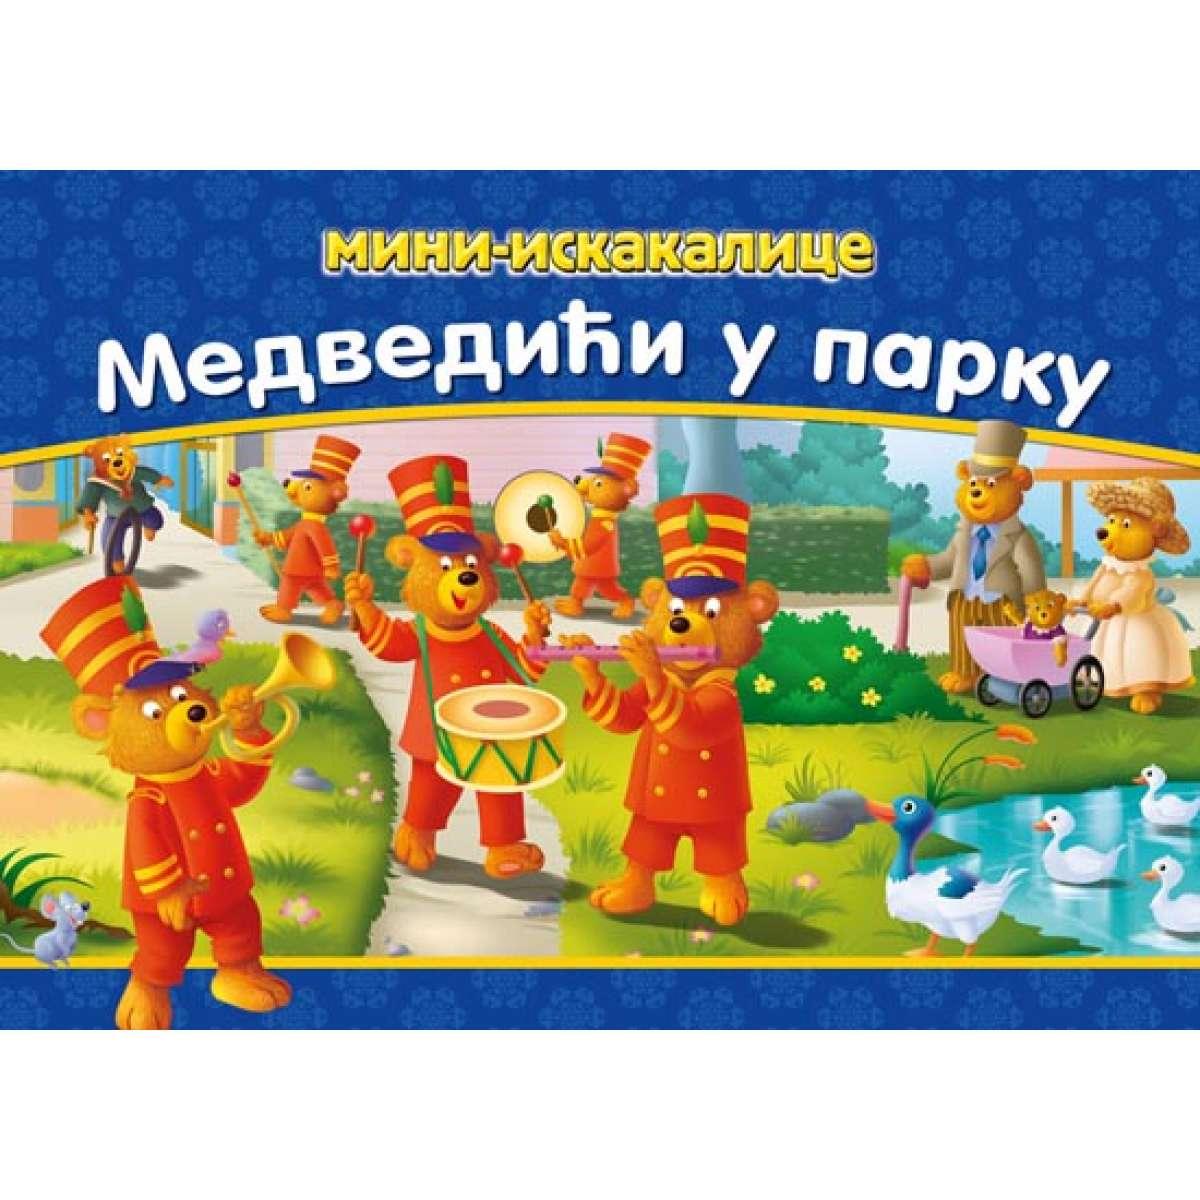 Mini iskakalice – Medvedići u parku